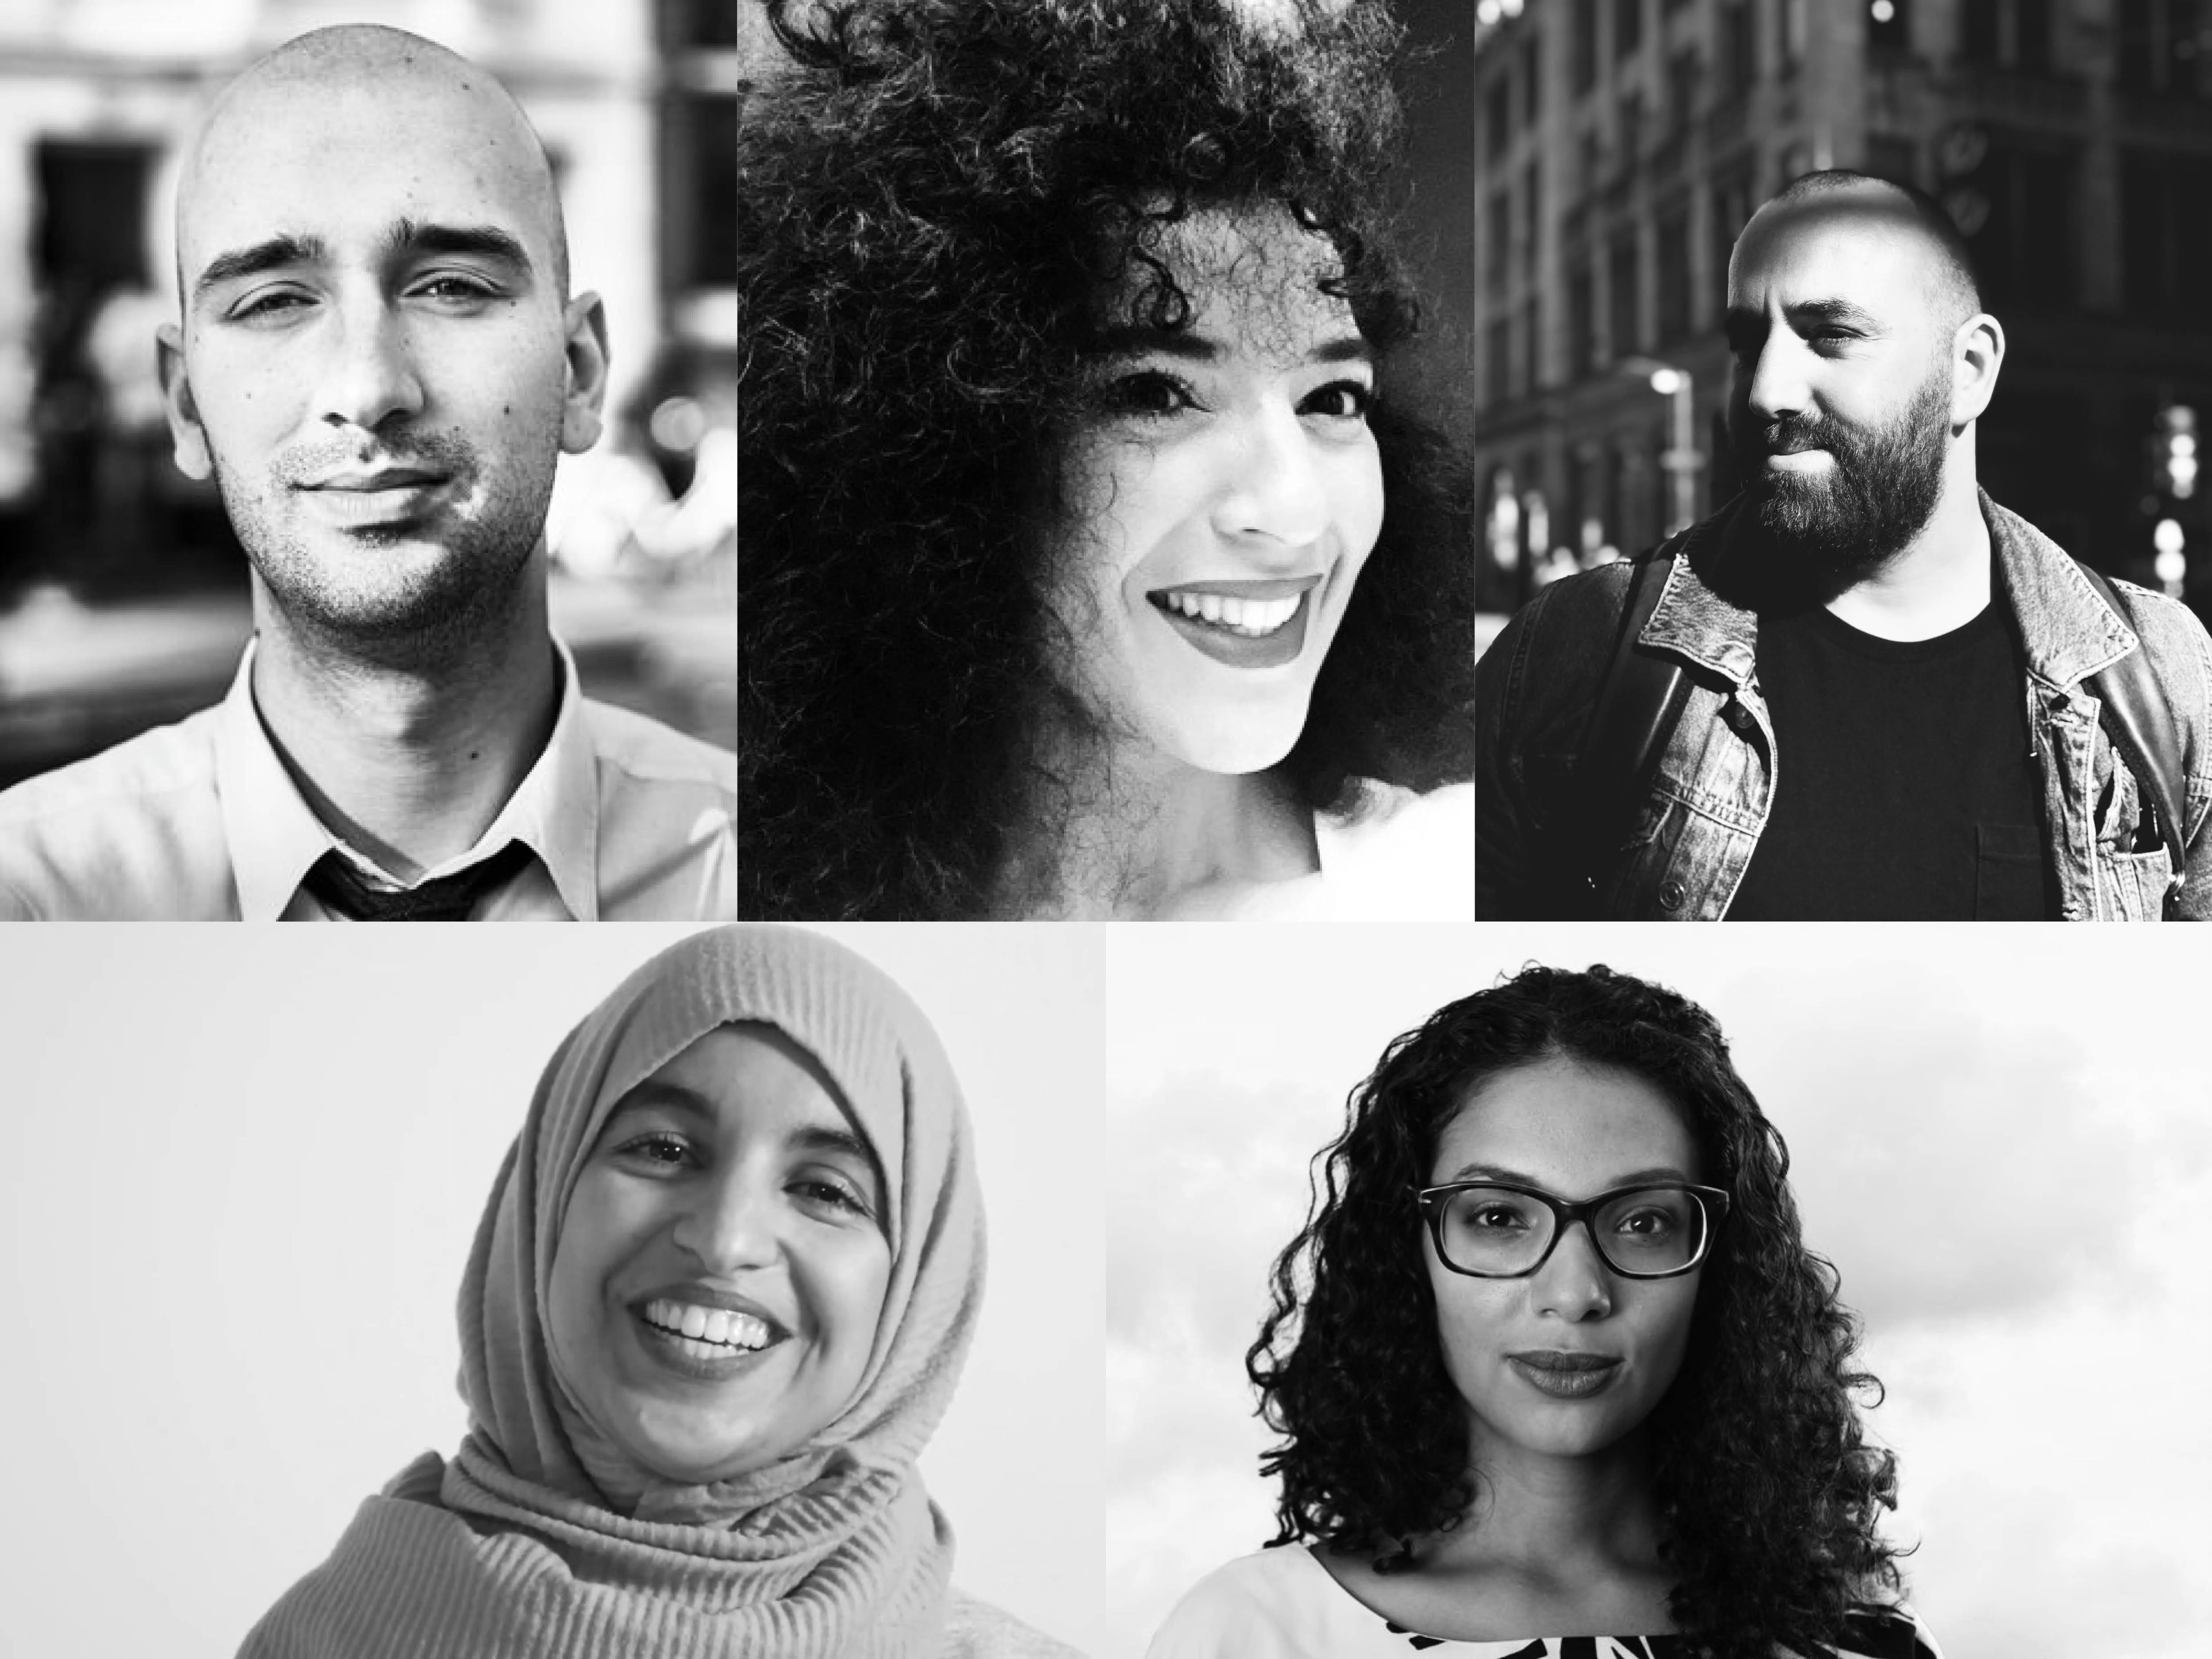 Een halve eeuw Marokkaanse migratie